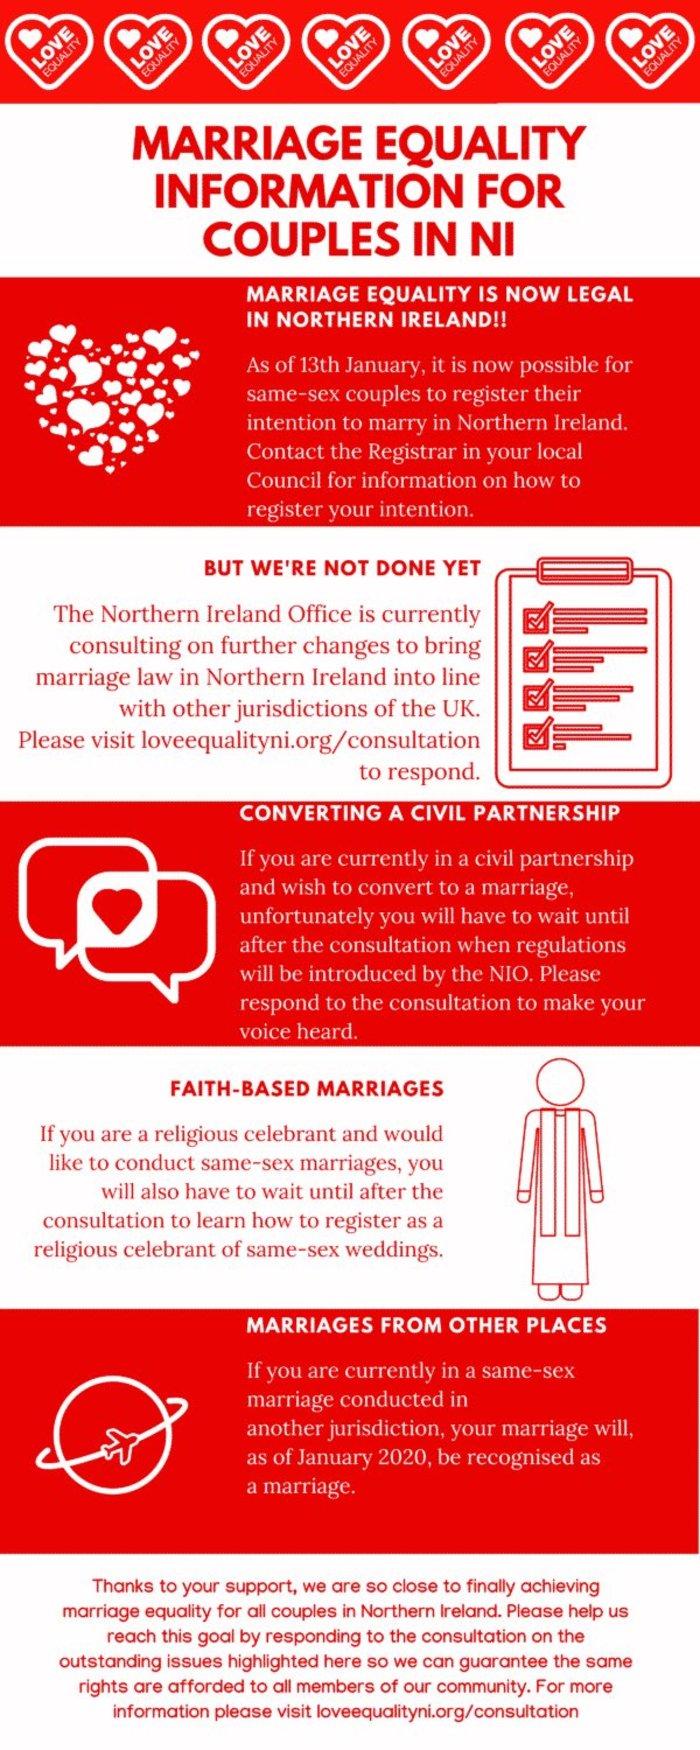 Ο πρώτος γάμος ομοφυλόφιλων γυναικών στη Β. Ιρλανδία